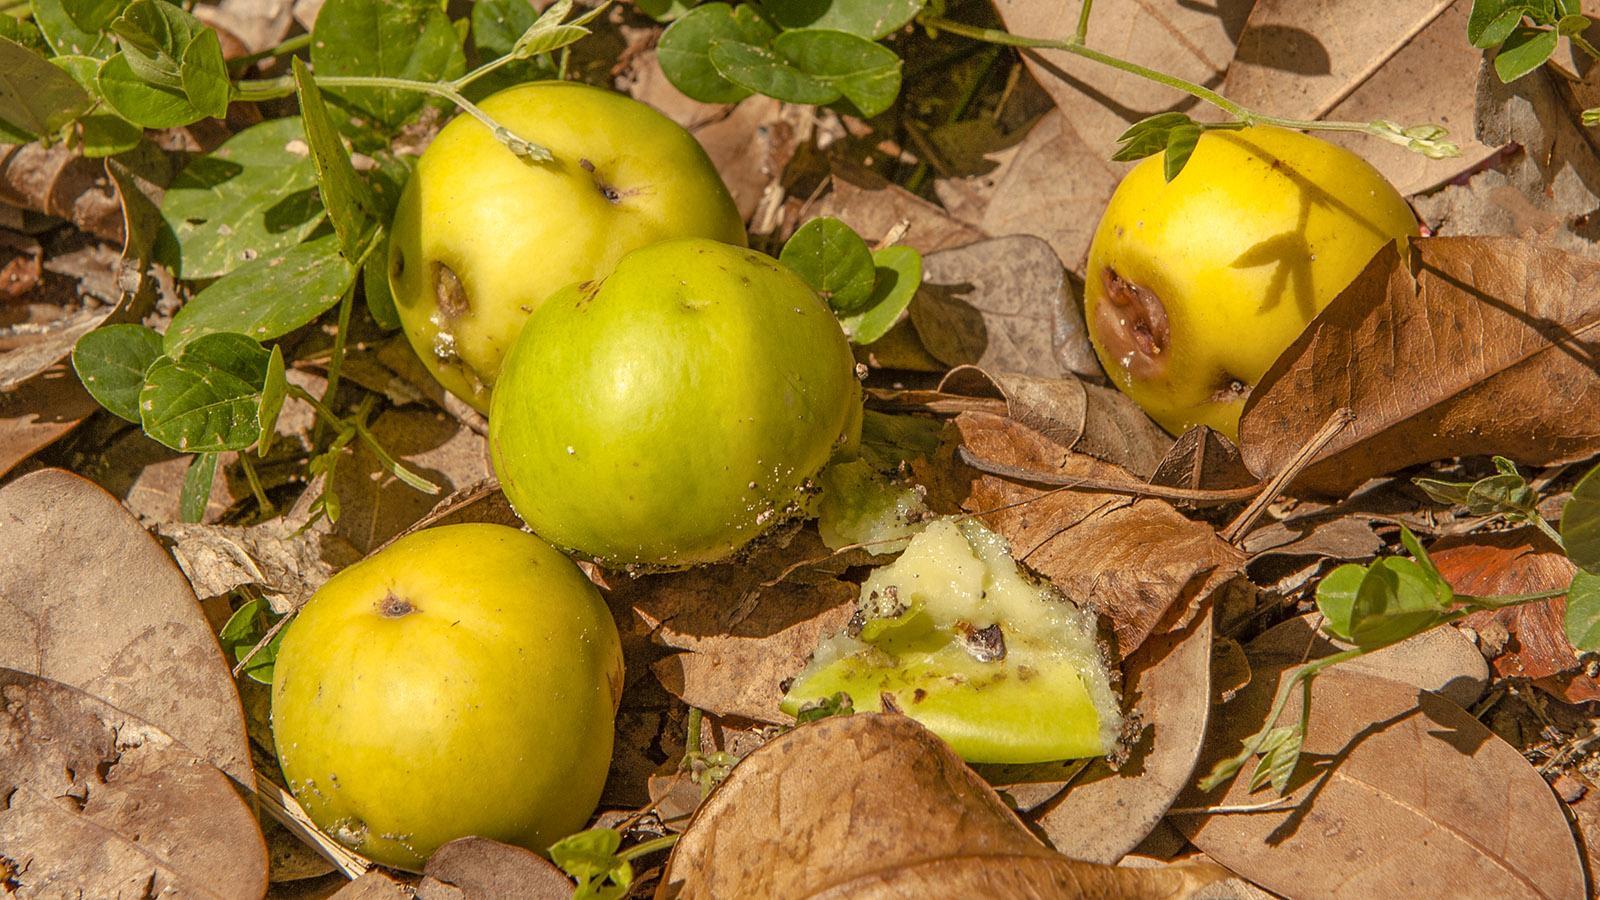 NSG Caravelle. Die Äpfel des Manchineelbaumes sind hochgiftig! Foto: Hilke Maunder